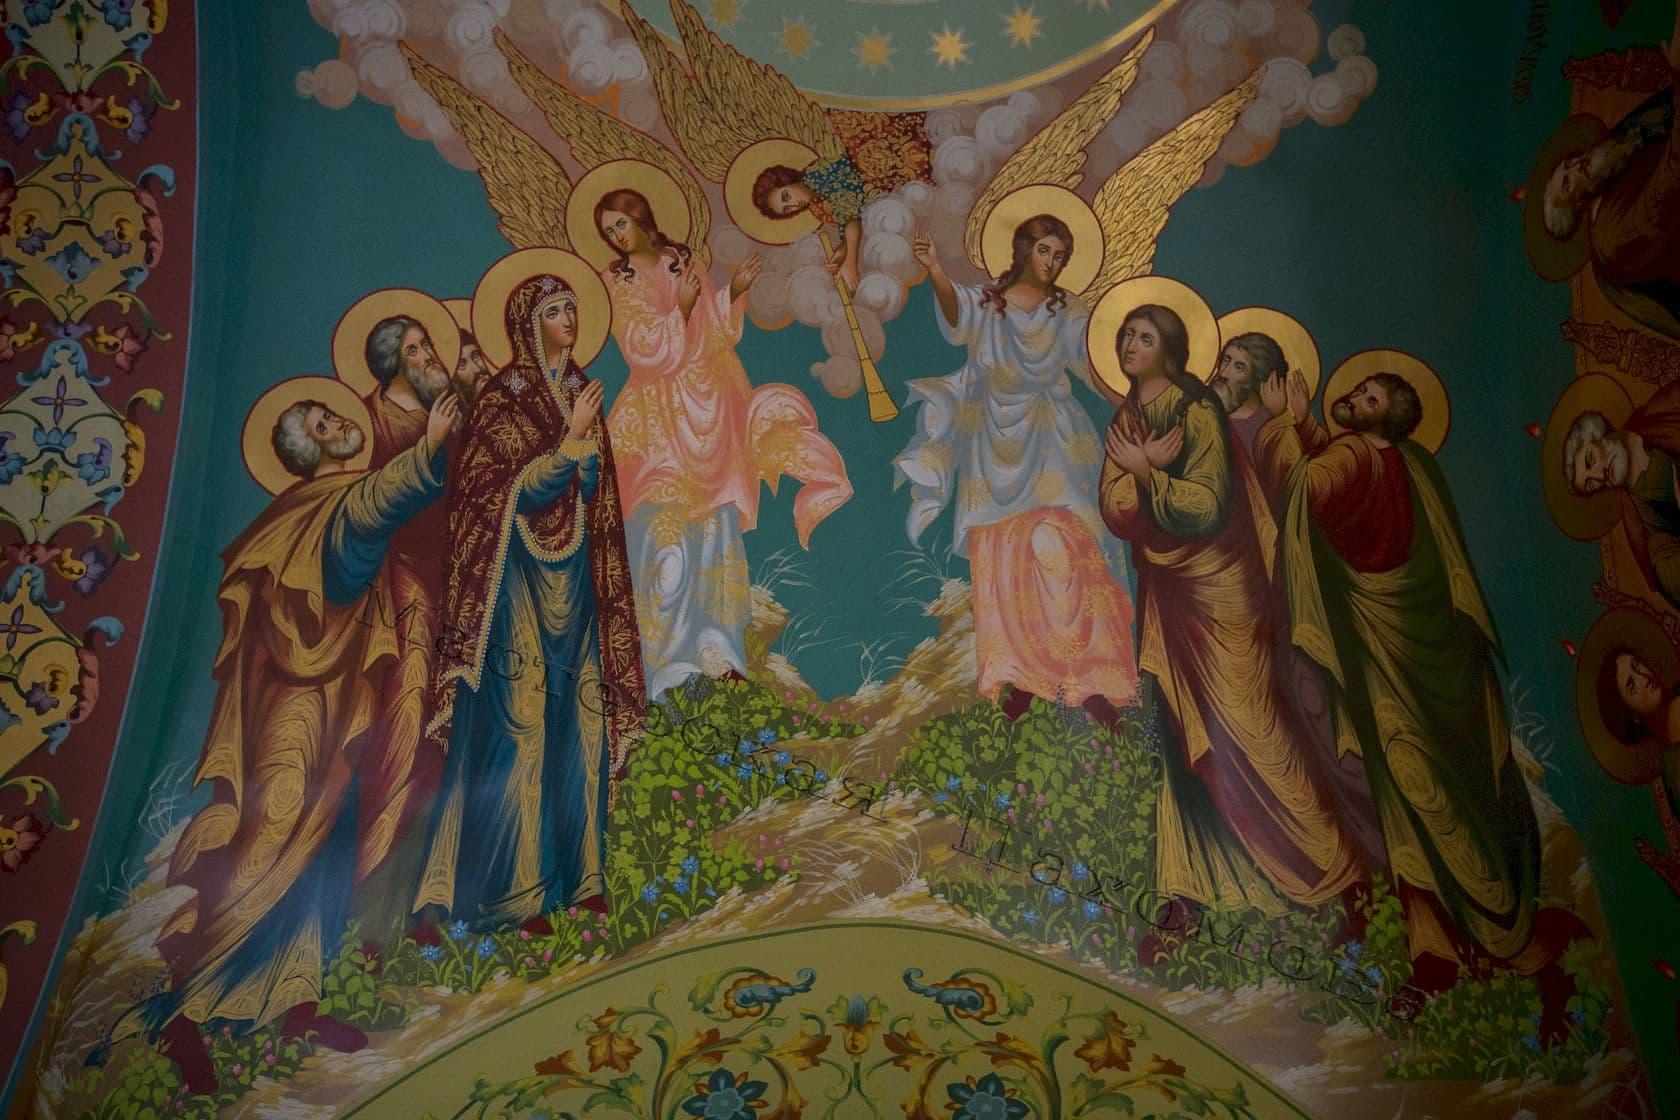 Вознесение. Иисус Христос, ангелы, апостолы с Богородицей